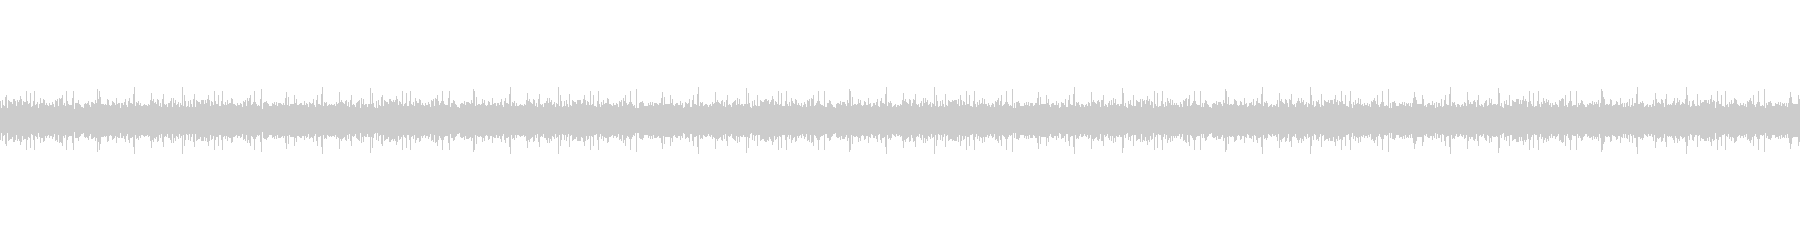 水の流れる音(水しぶき音)の未再生の波形